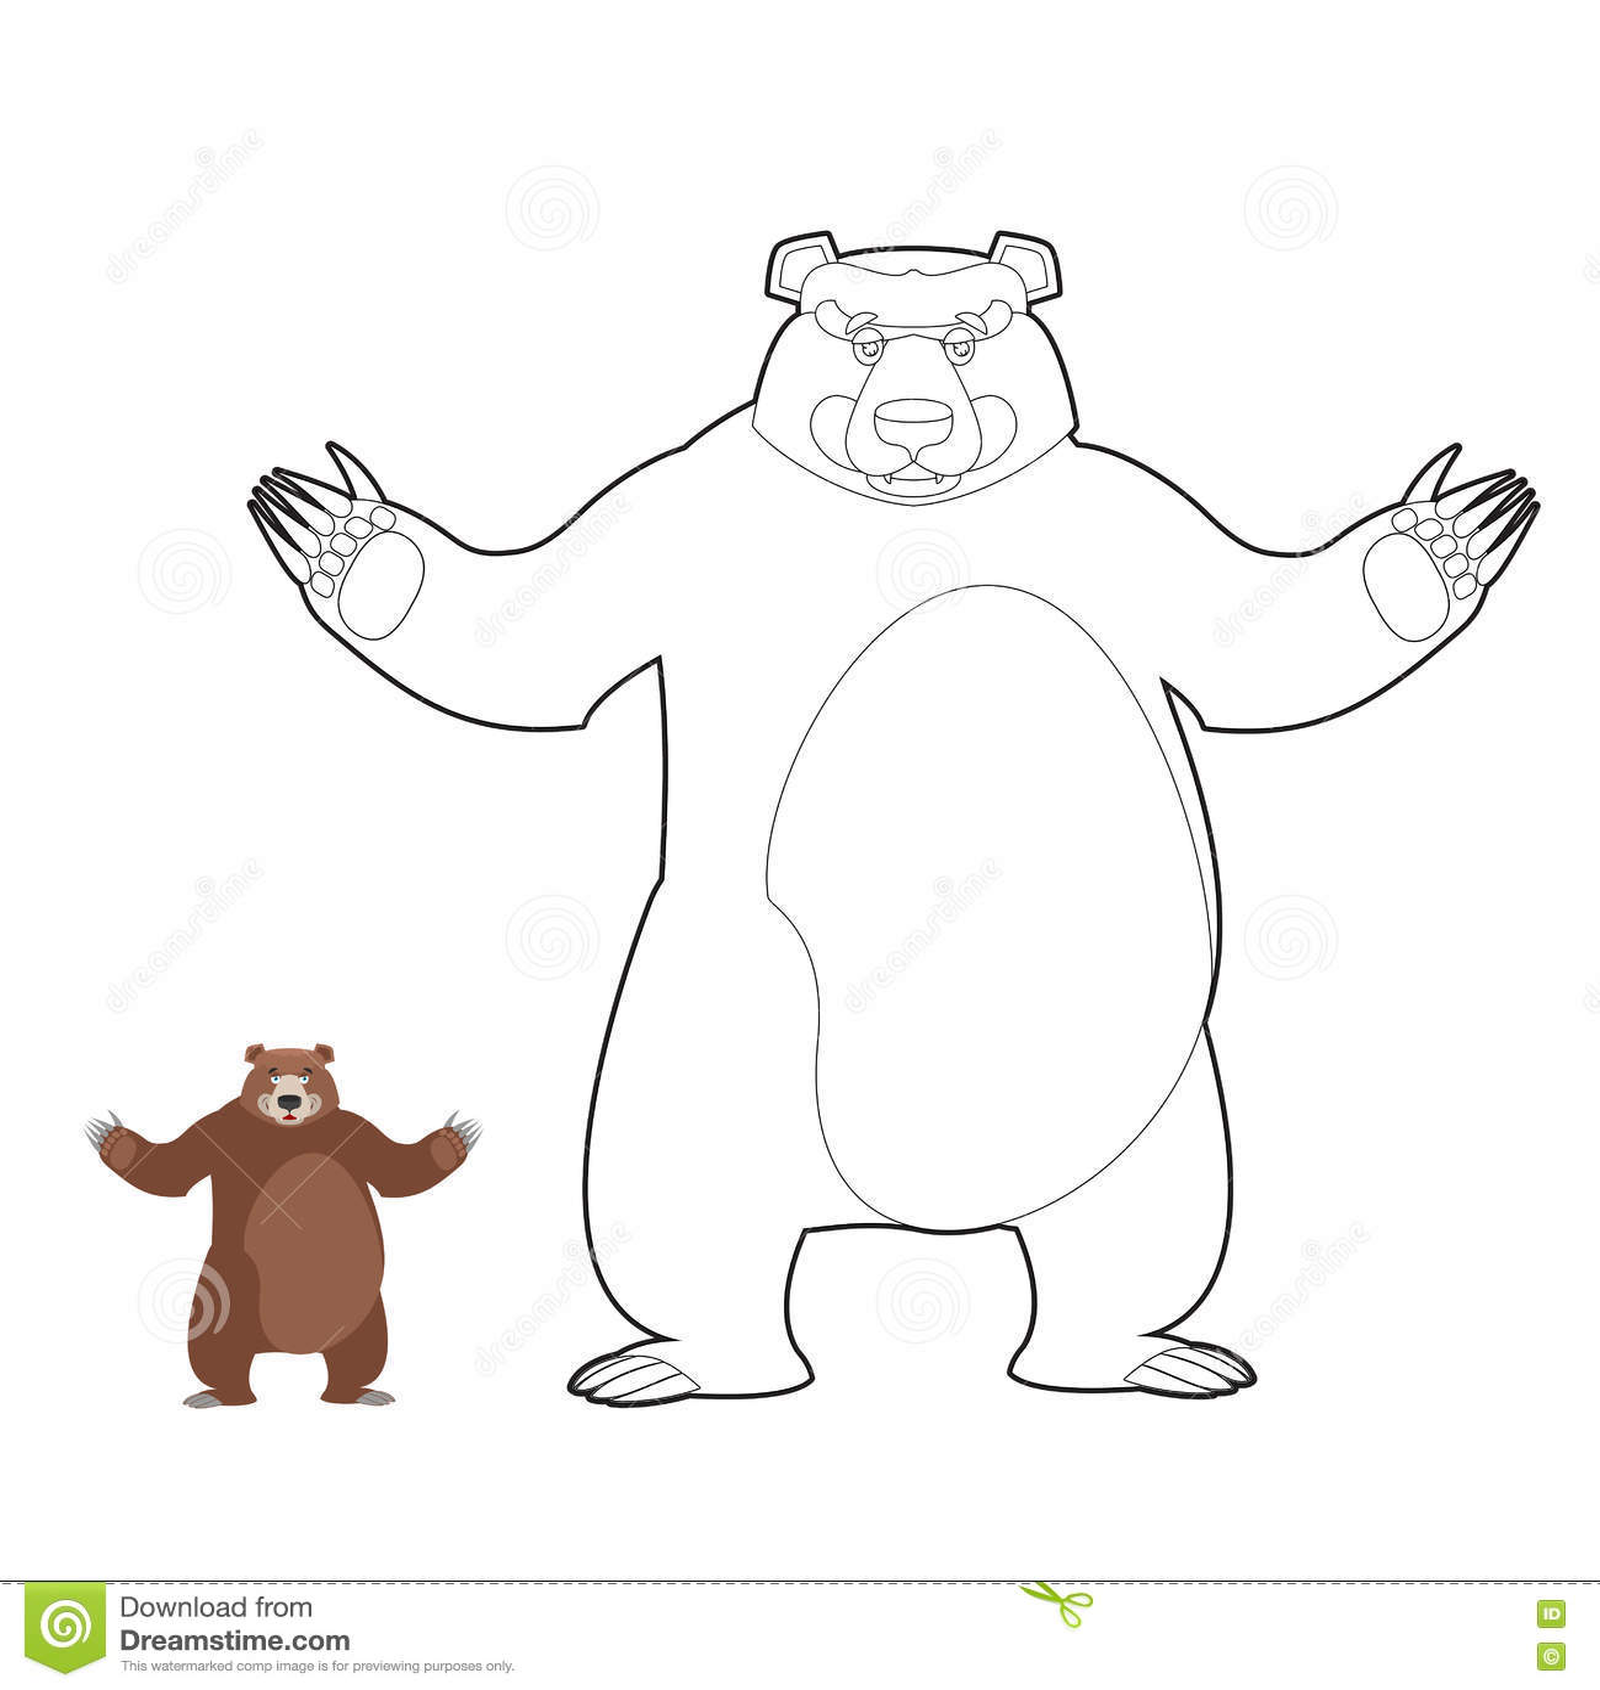 Livro Para Colorir Do Urso Ursos No Estilo Linear Bom B Selvagem